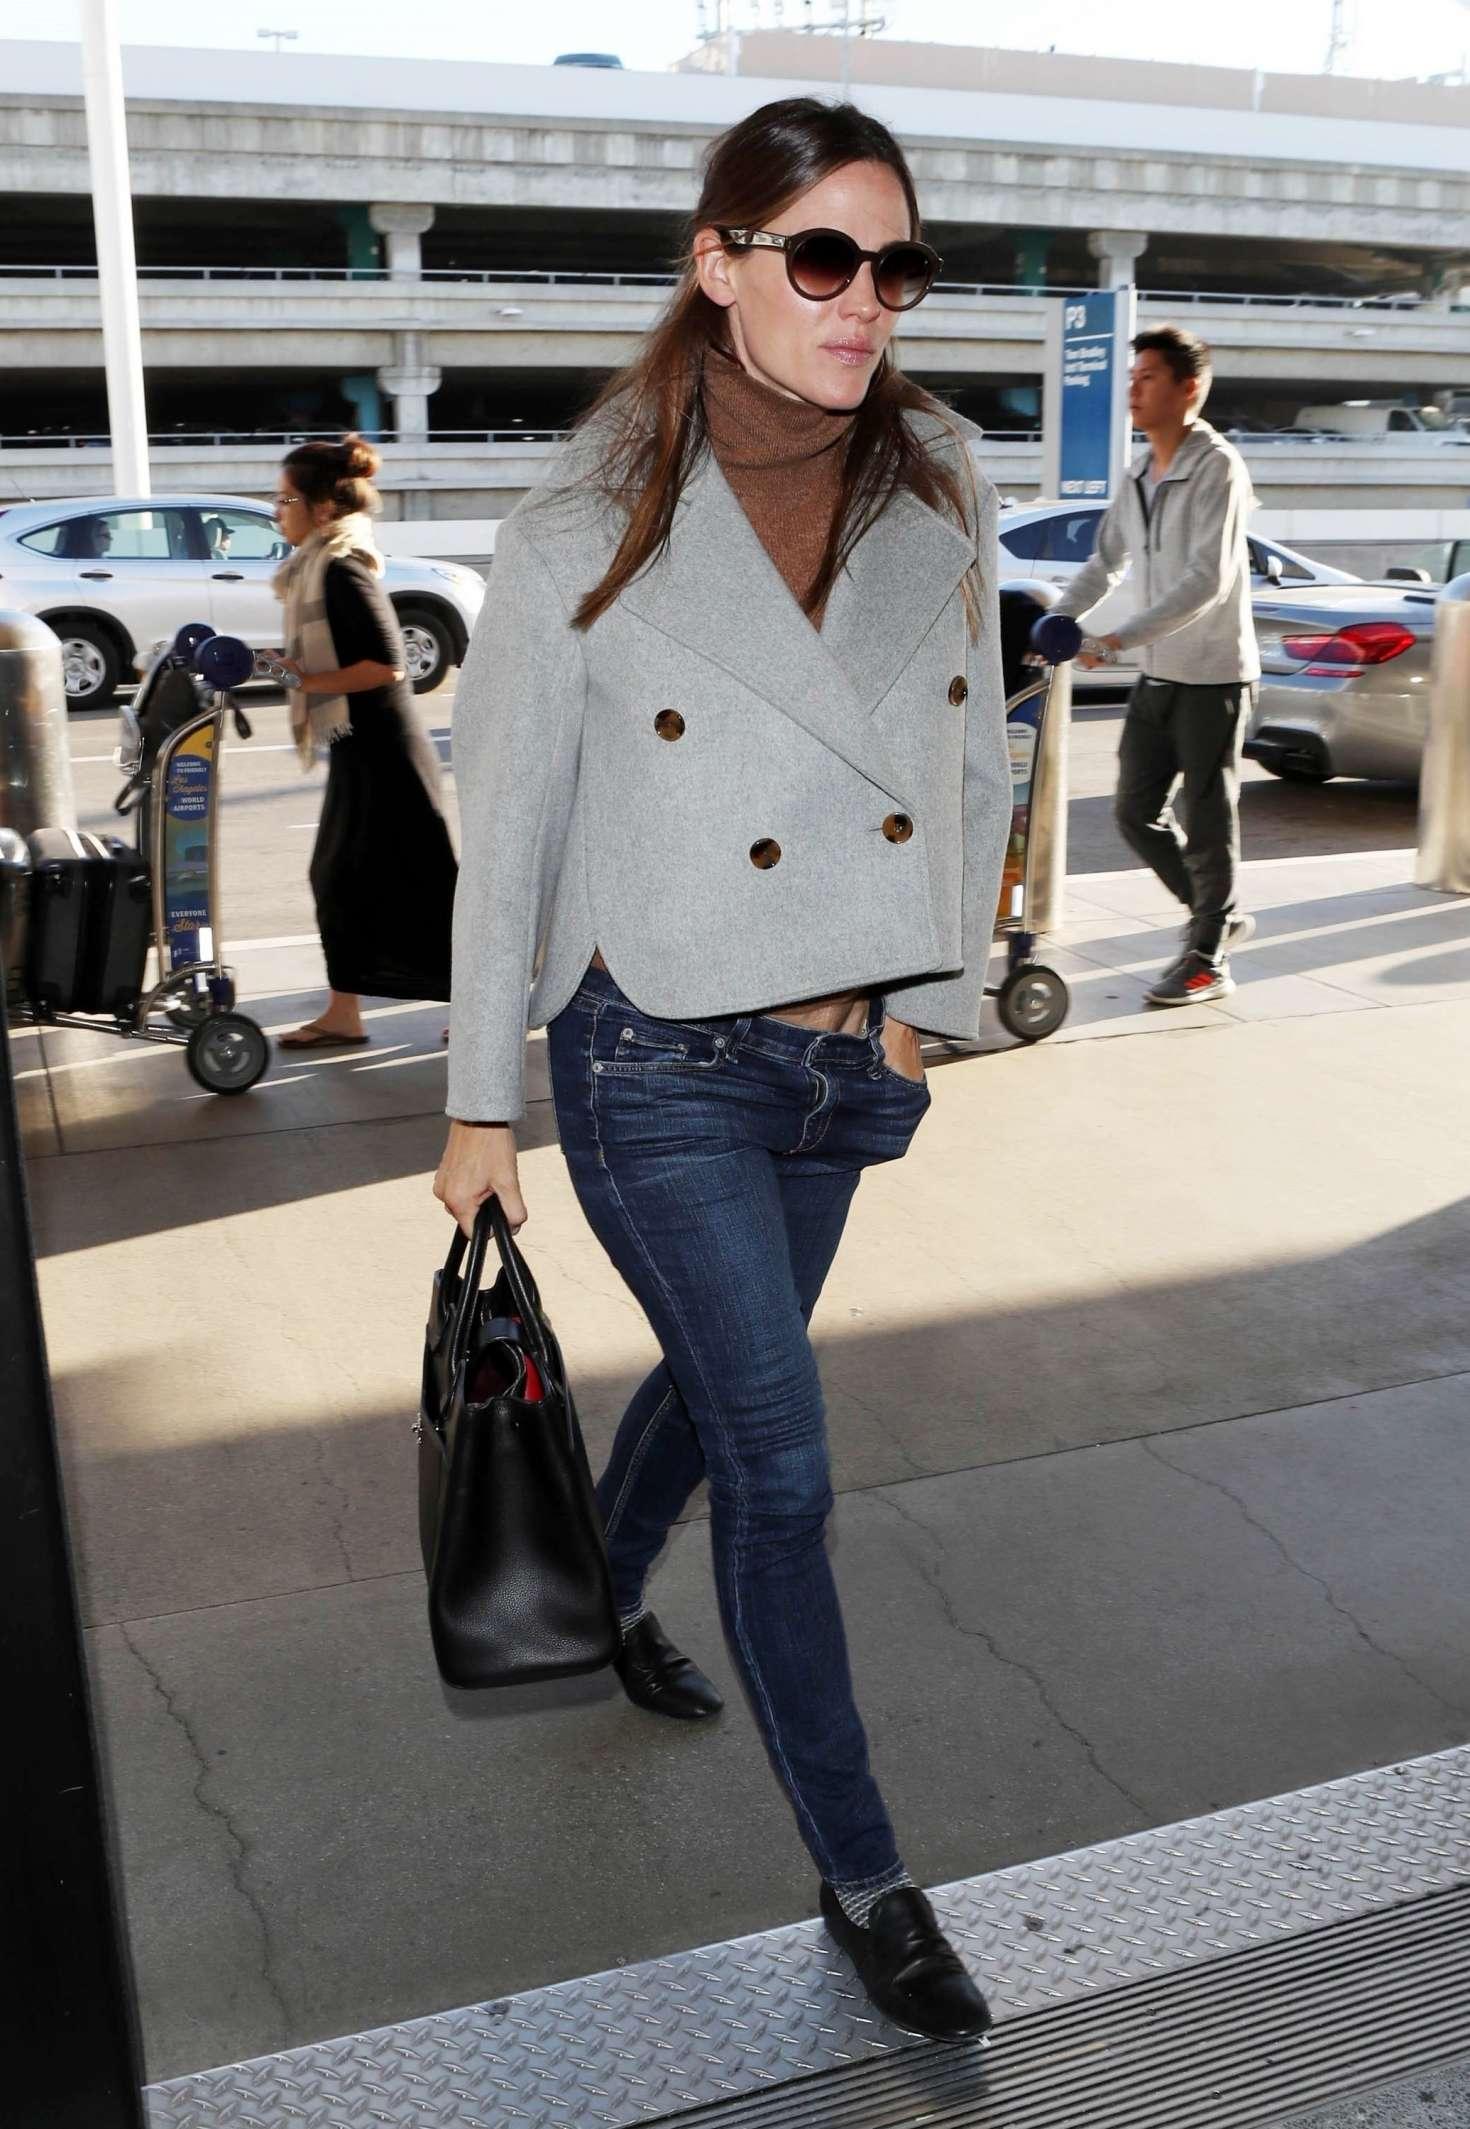 Jennifer Garner at LAX International Airport in LA